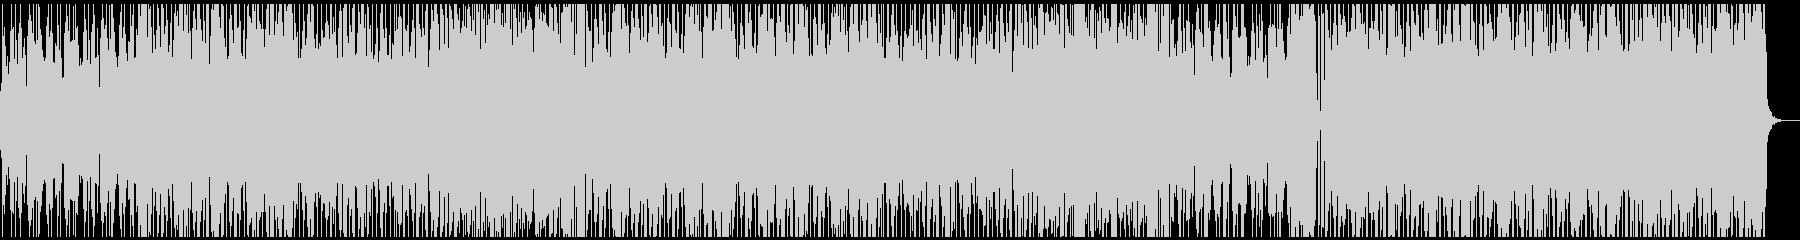 80年代テイスト目一杯なファンキーBGMの未再生の波形